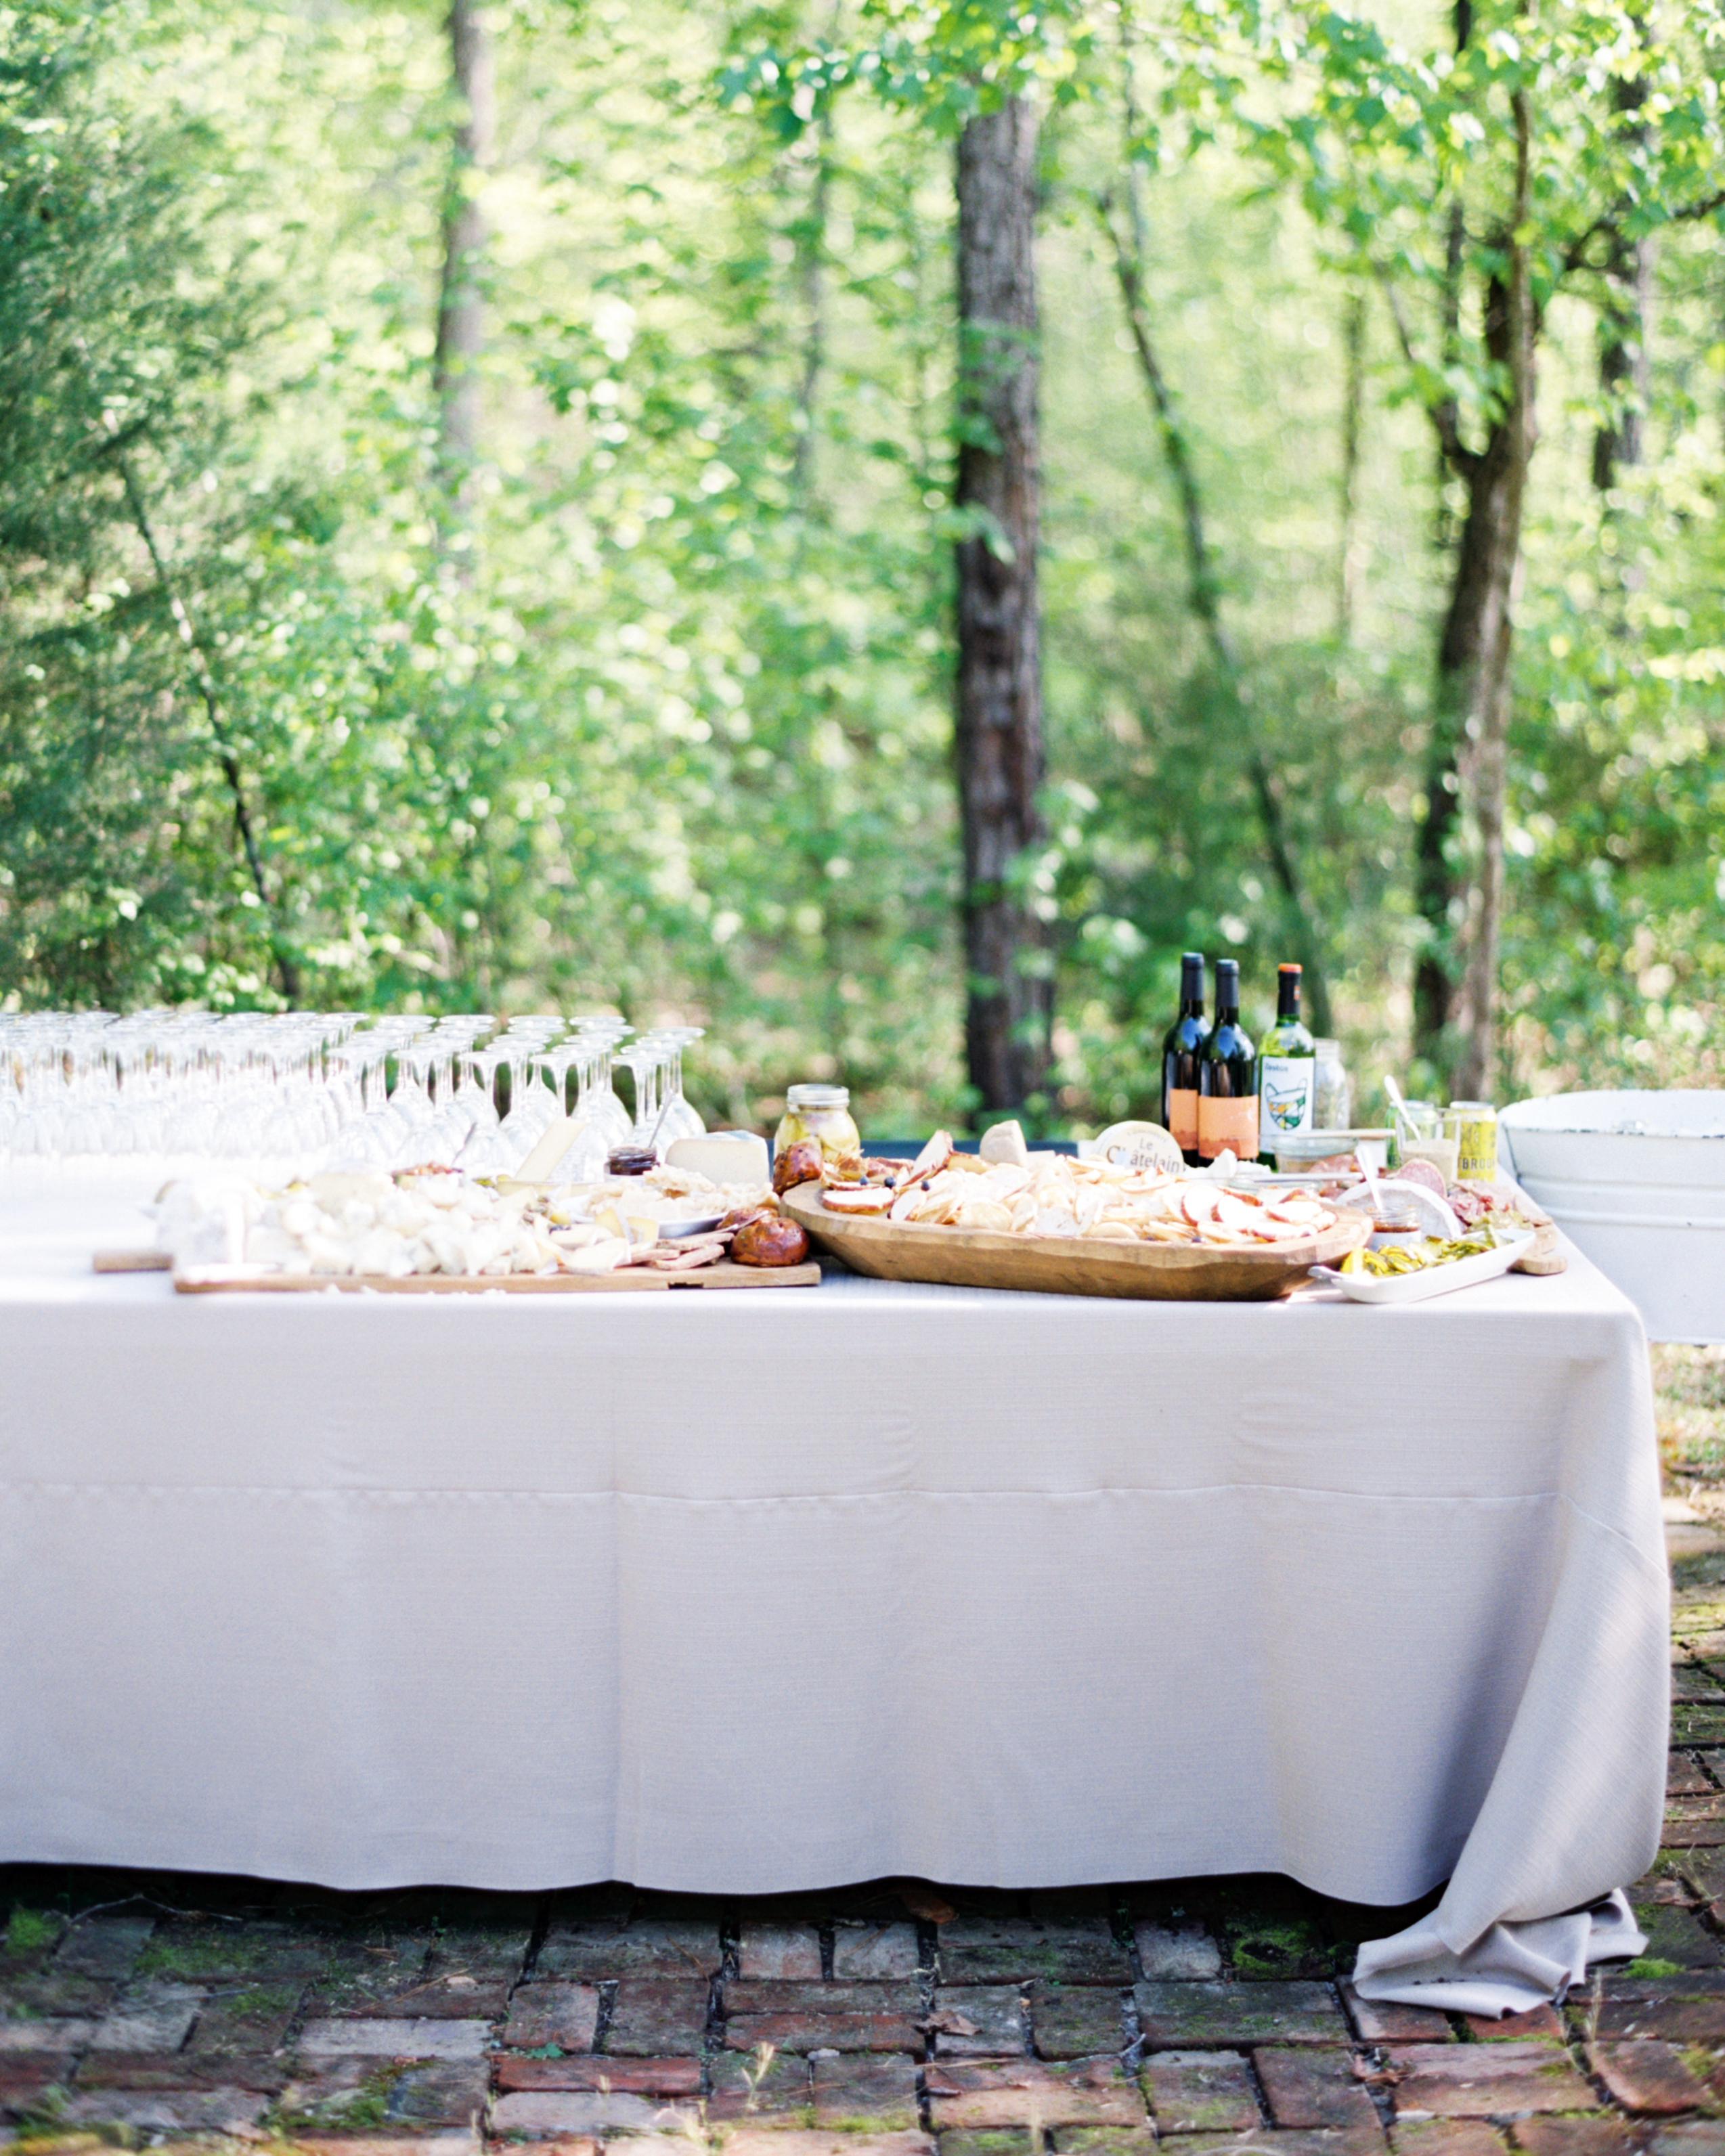 olga-david-wedding-food1-0314.jpg